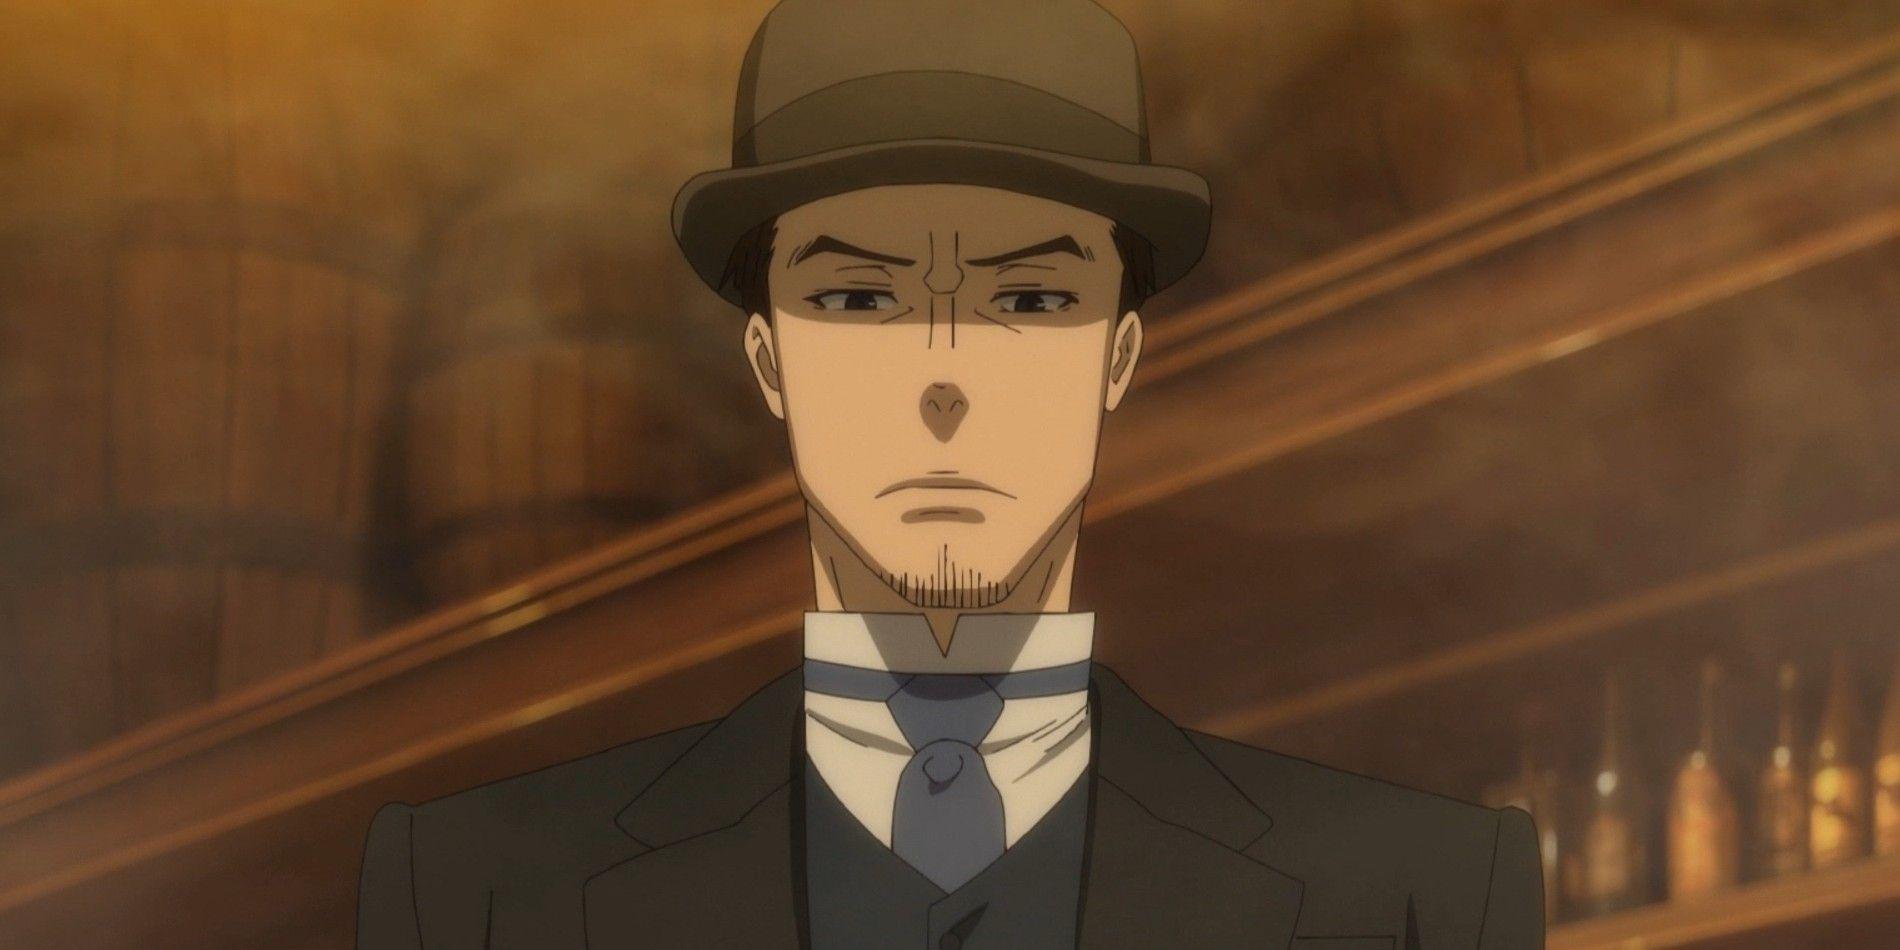 Moriarty the Patriot: todos os personagens clássicos de Sherlock Holmes na 1ª temporada, parte 1 5